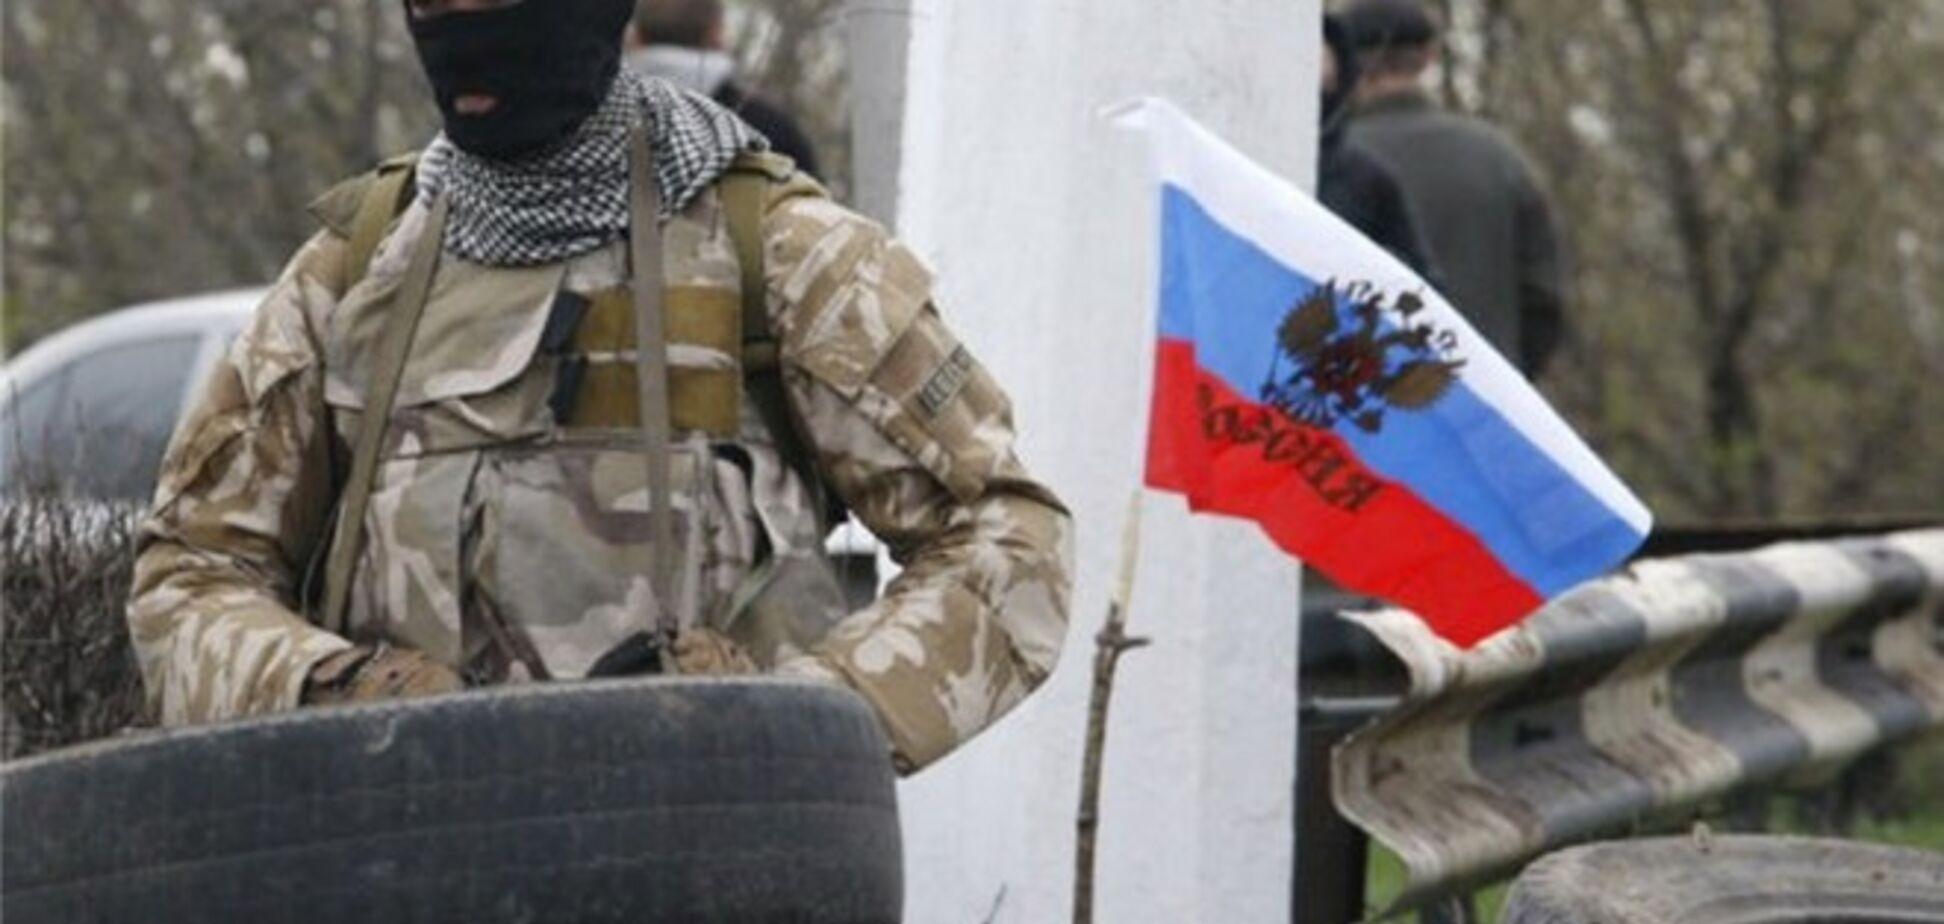 Триває перекидання на Донбас озброєння і живої сили російських окупантів